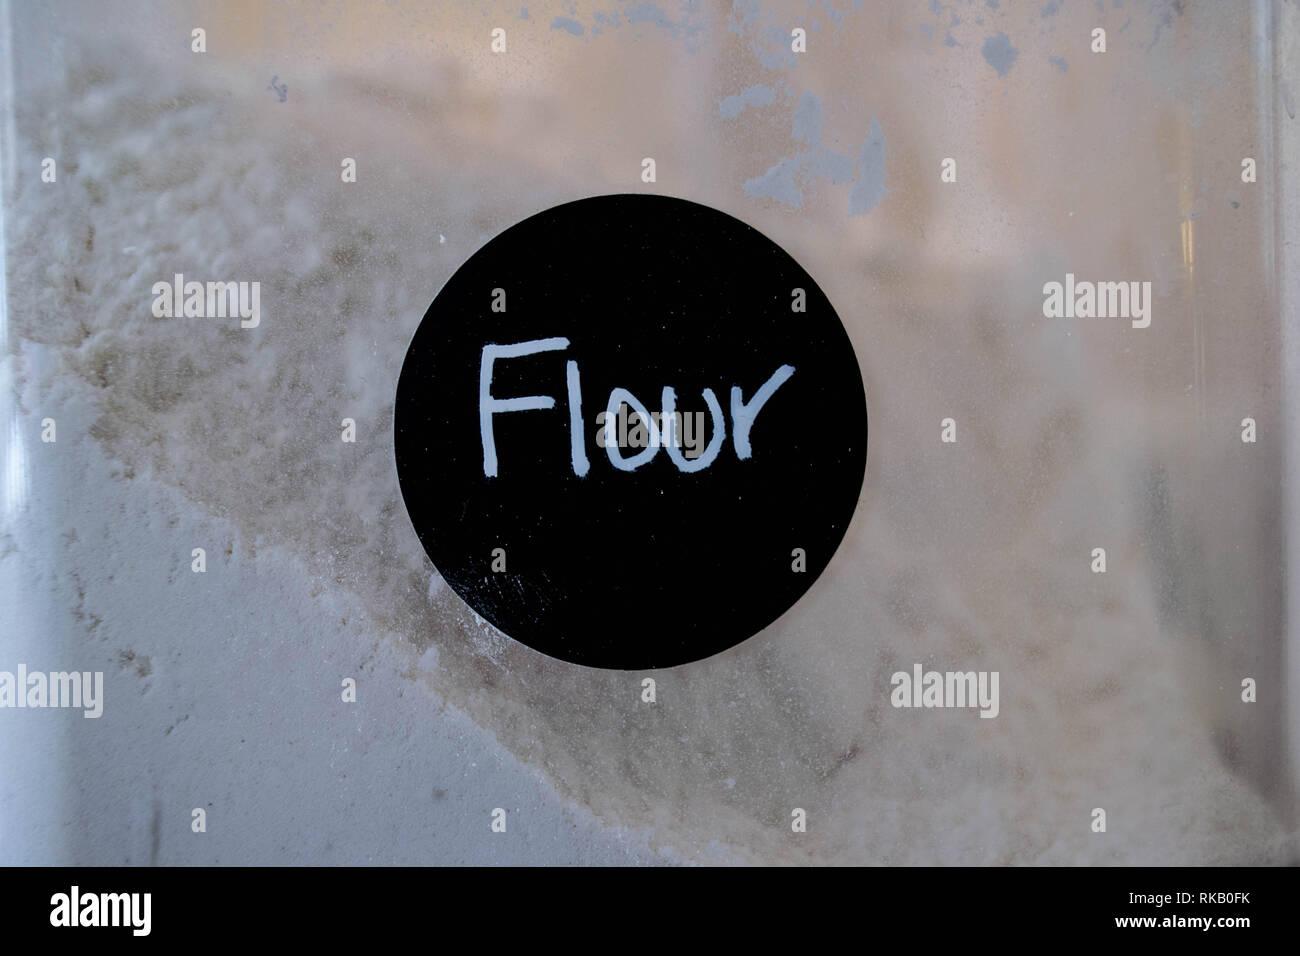 Flour in designated transparent flour container. - Stock Image